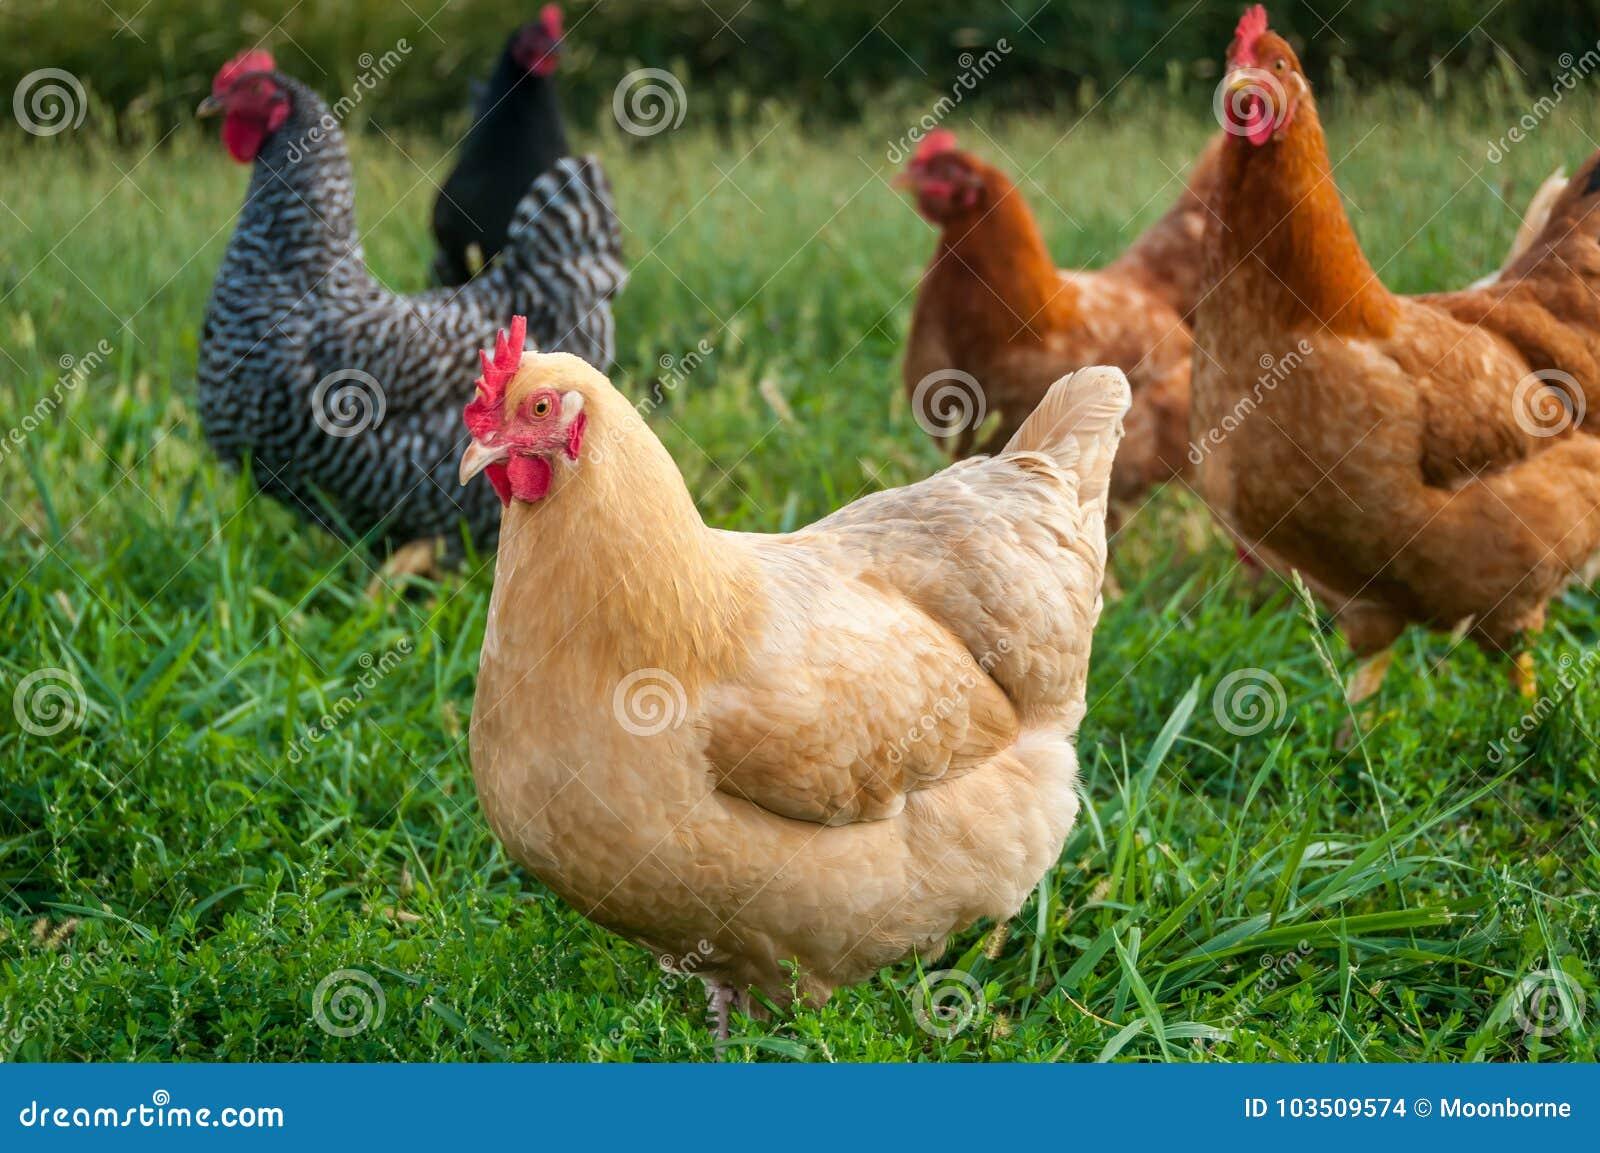 Feg flock